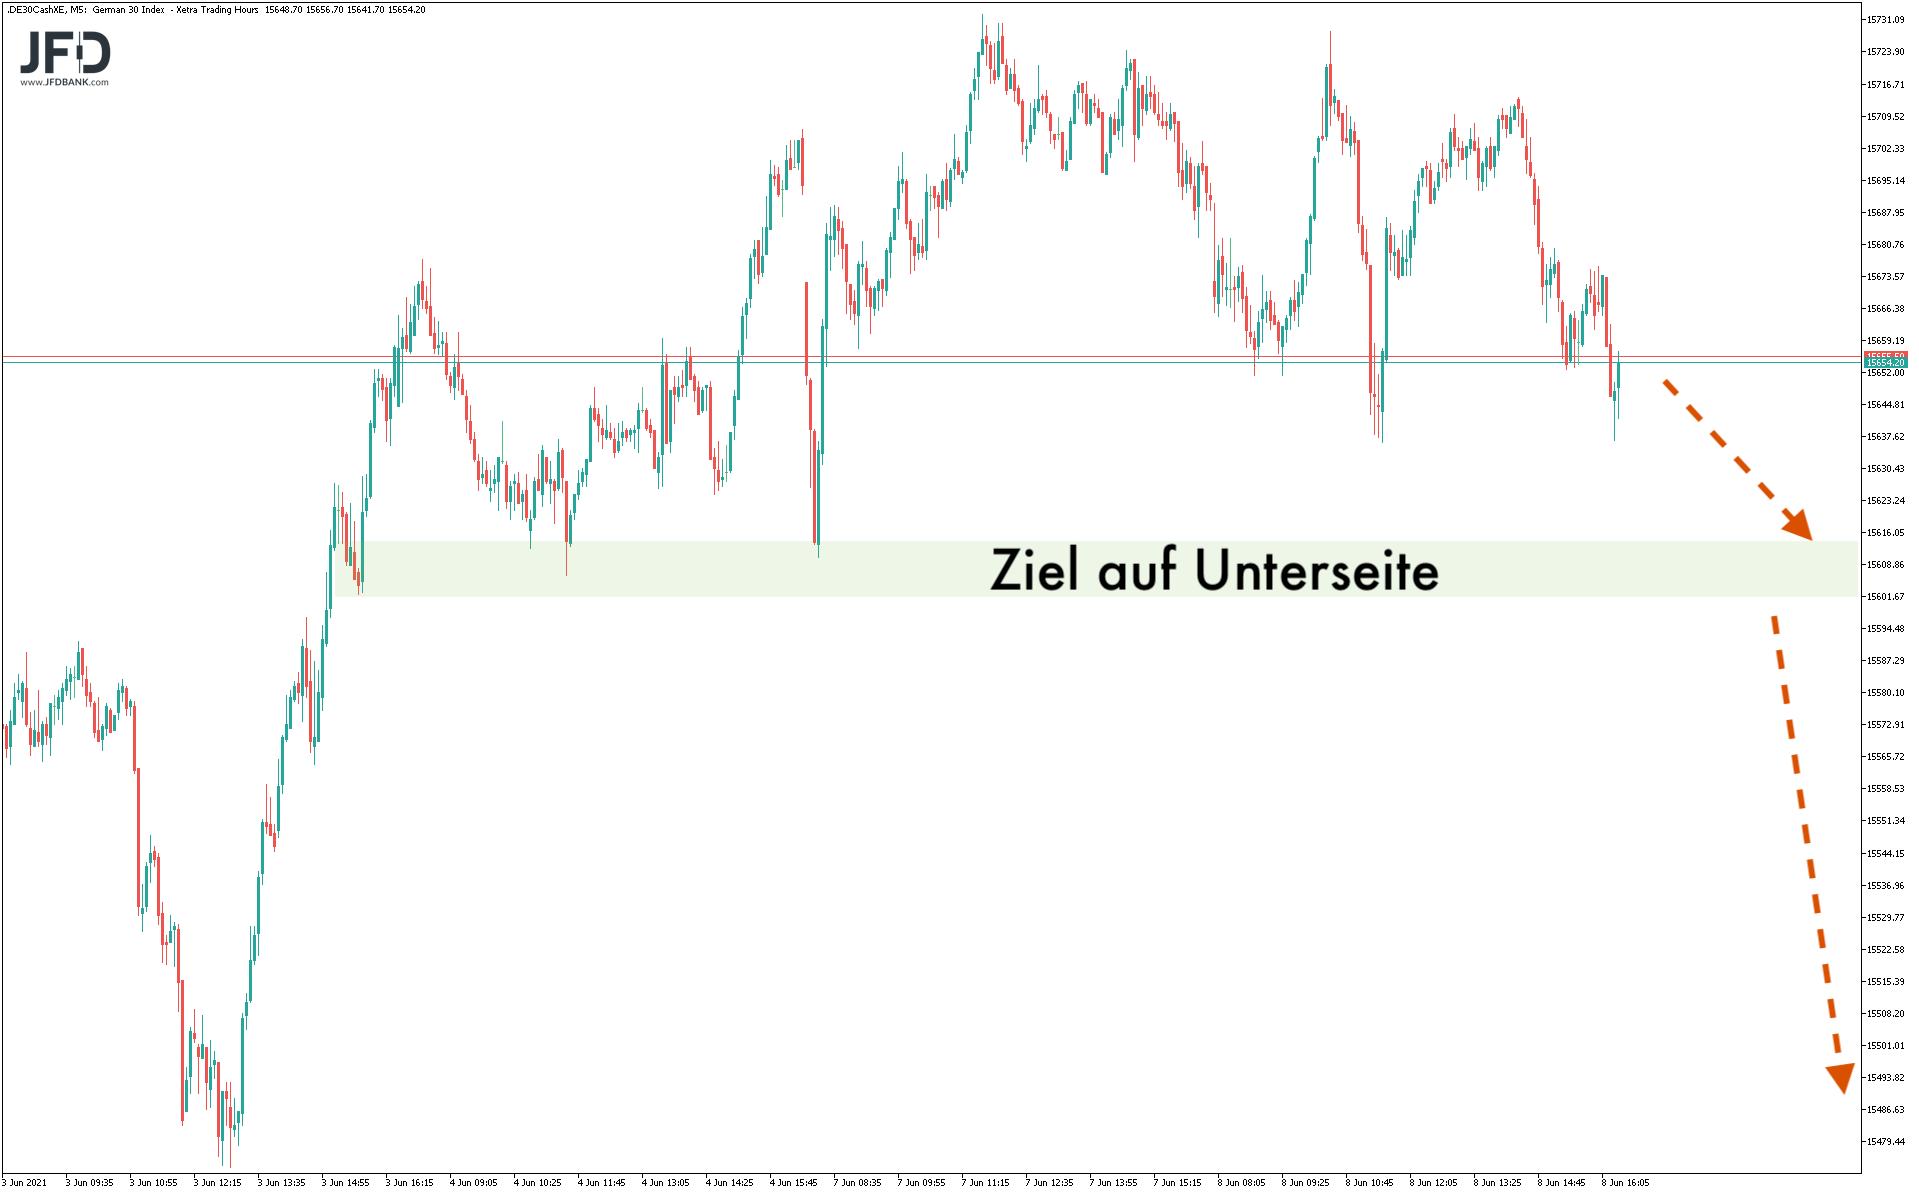 Erneut-ein-Rekord-im-DAX-an-einem-Montag-Kommentar-JFD-Bank-GodmodeTrader.de-6